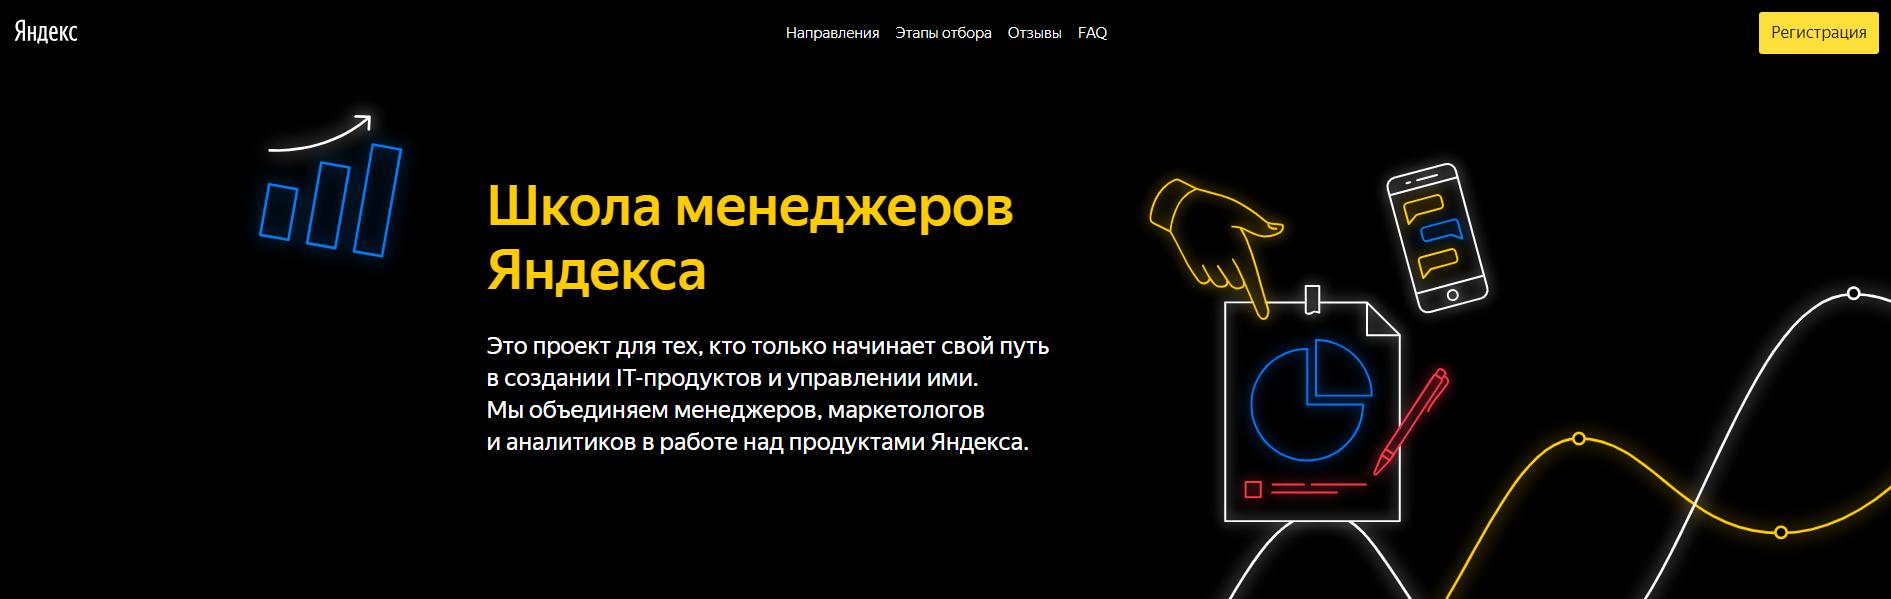 Яндекс приглашает в свою Школу менеджеров